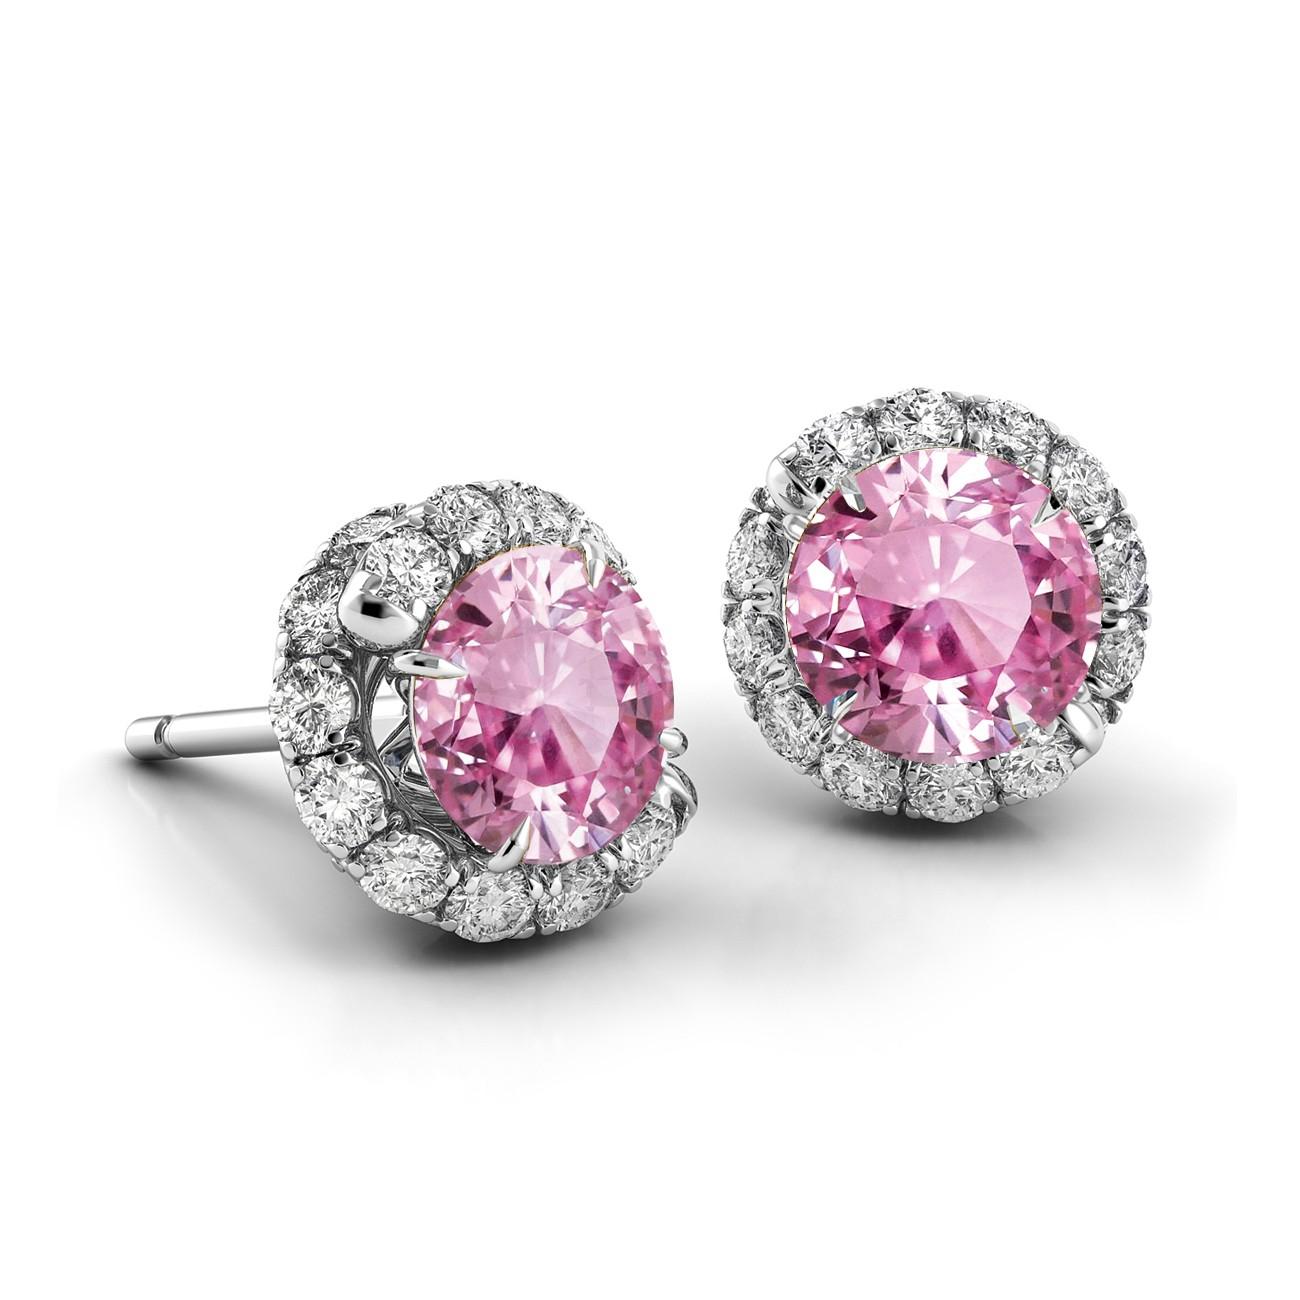 Swirl Pink Sapphire Diamond Earrings